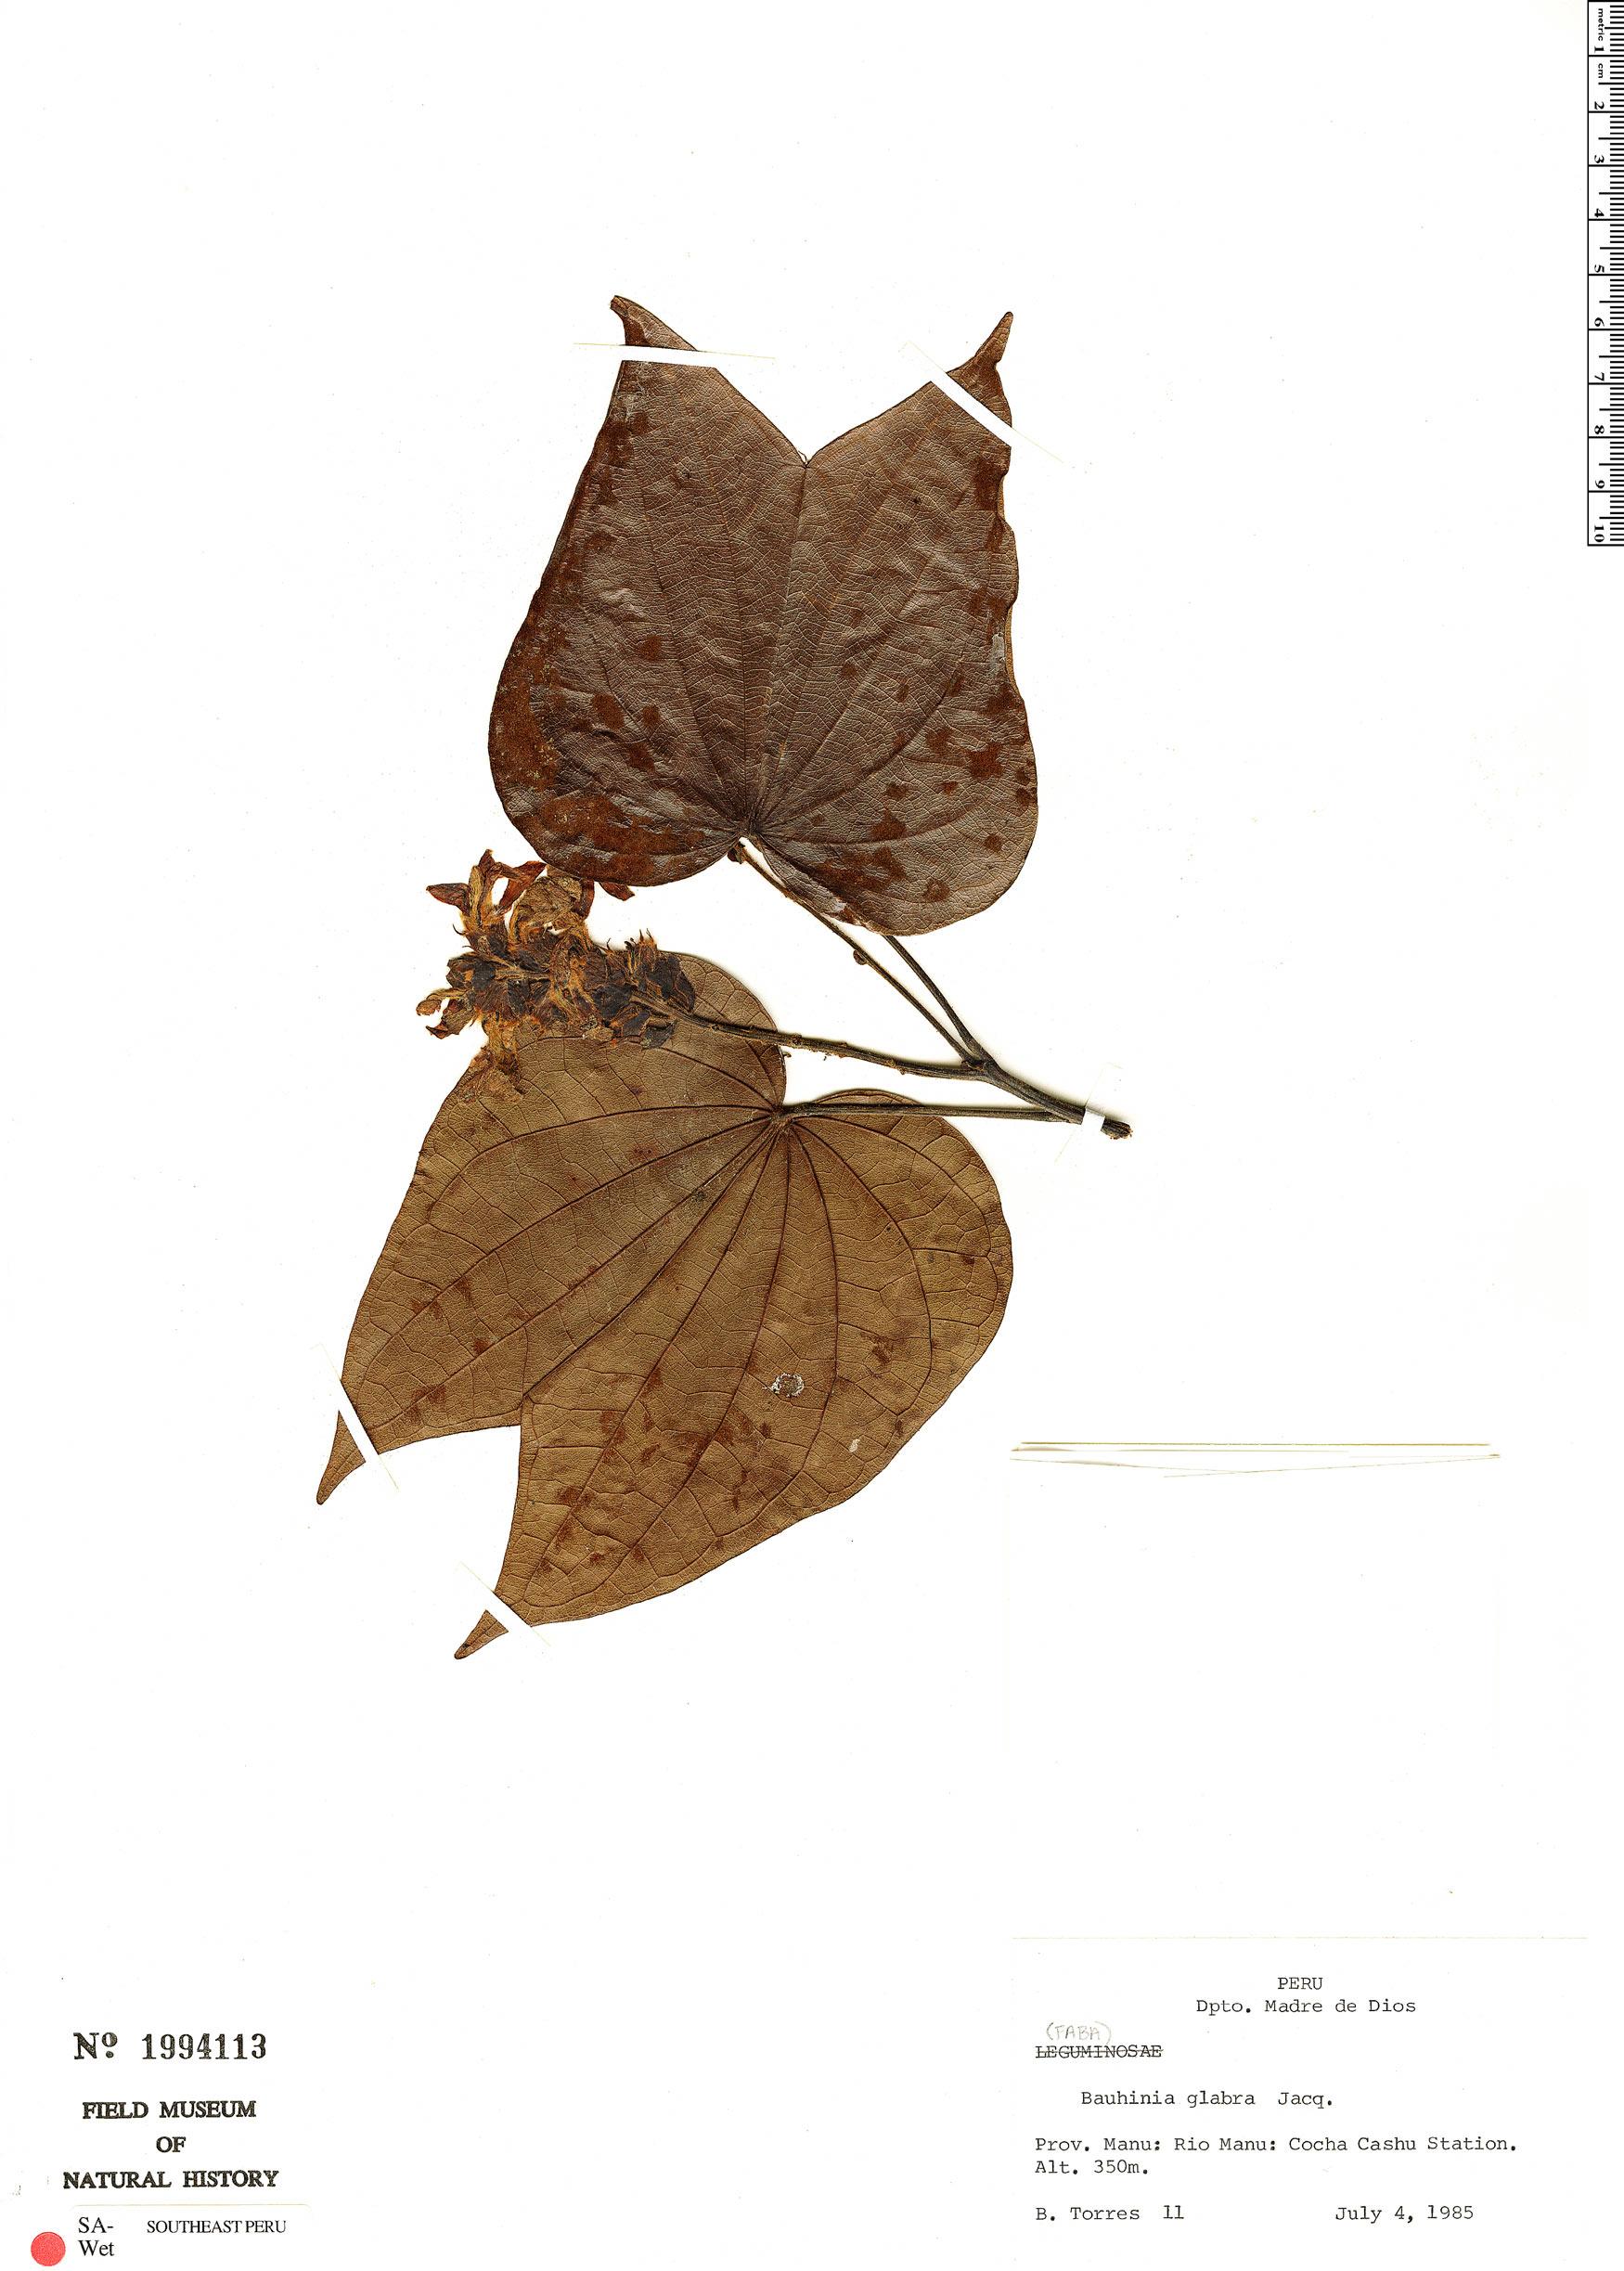 Specimen: Schnella glabra